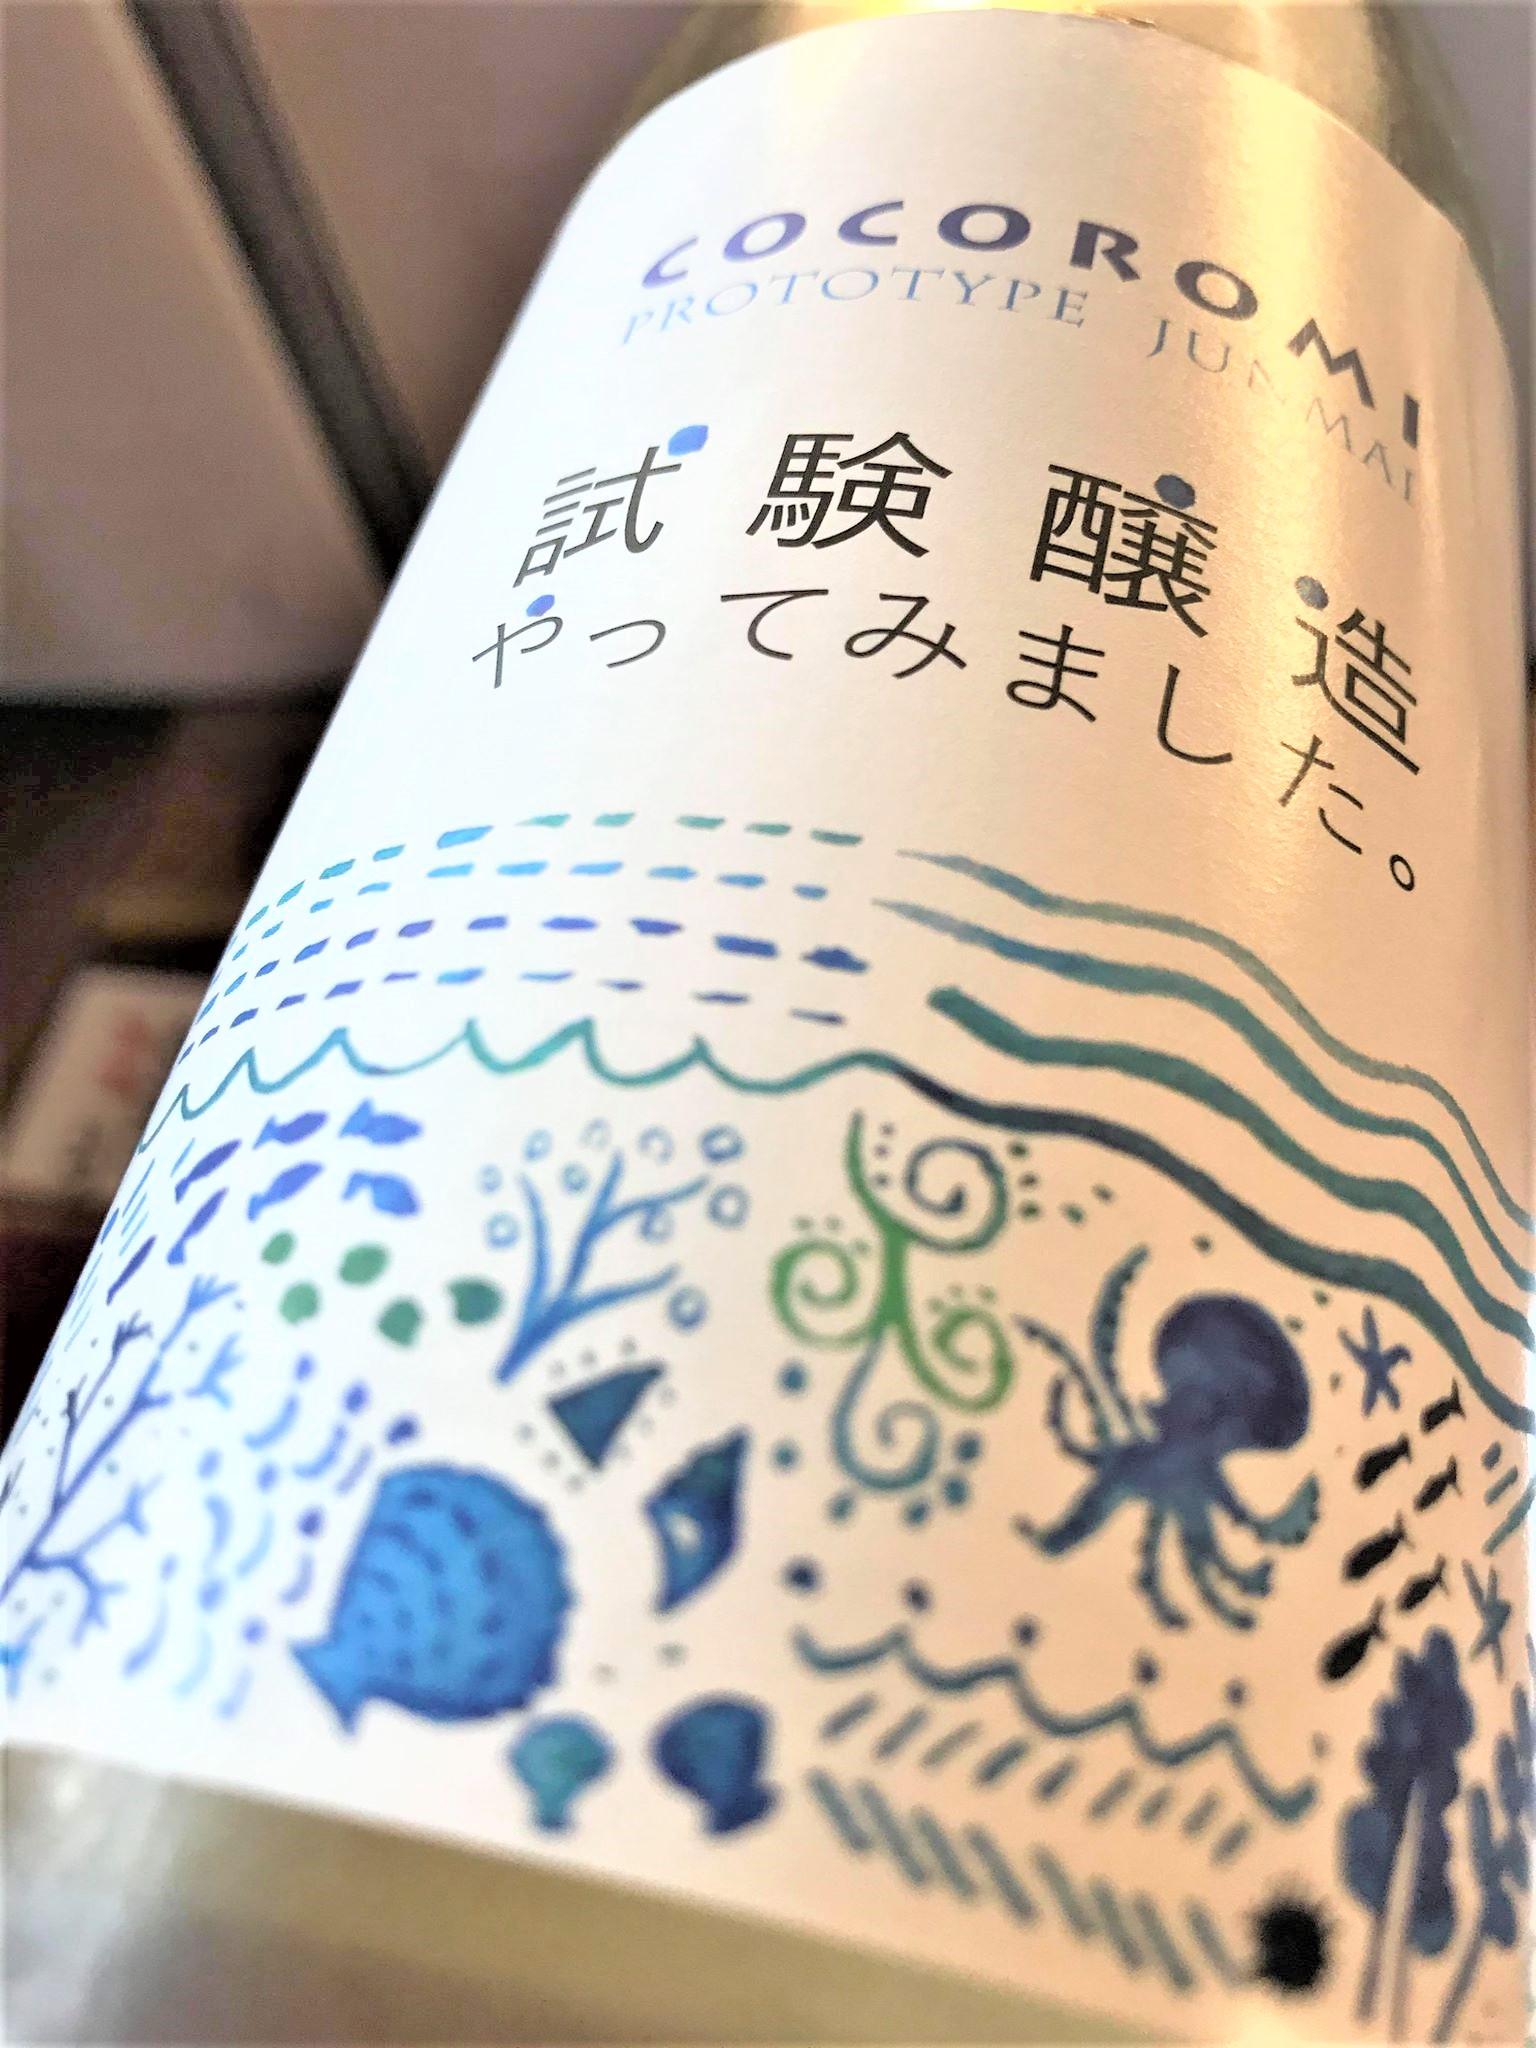 【日本酒】福司 番外編 COCOROMI㊙ココロミ プロトタイプ純米酒 きたしずく仕込み 限定 30BY🆕_e0173738_11275954.jpg